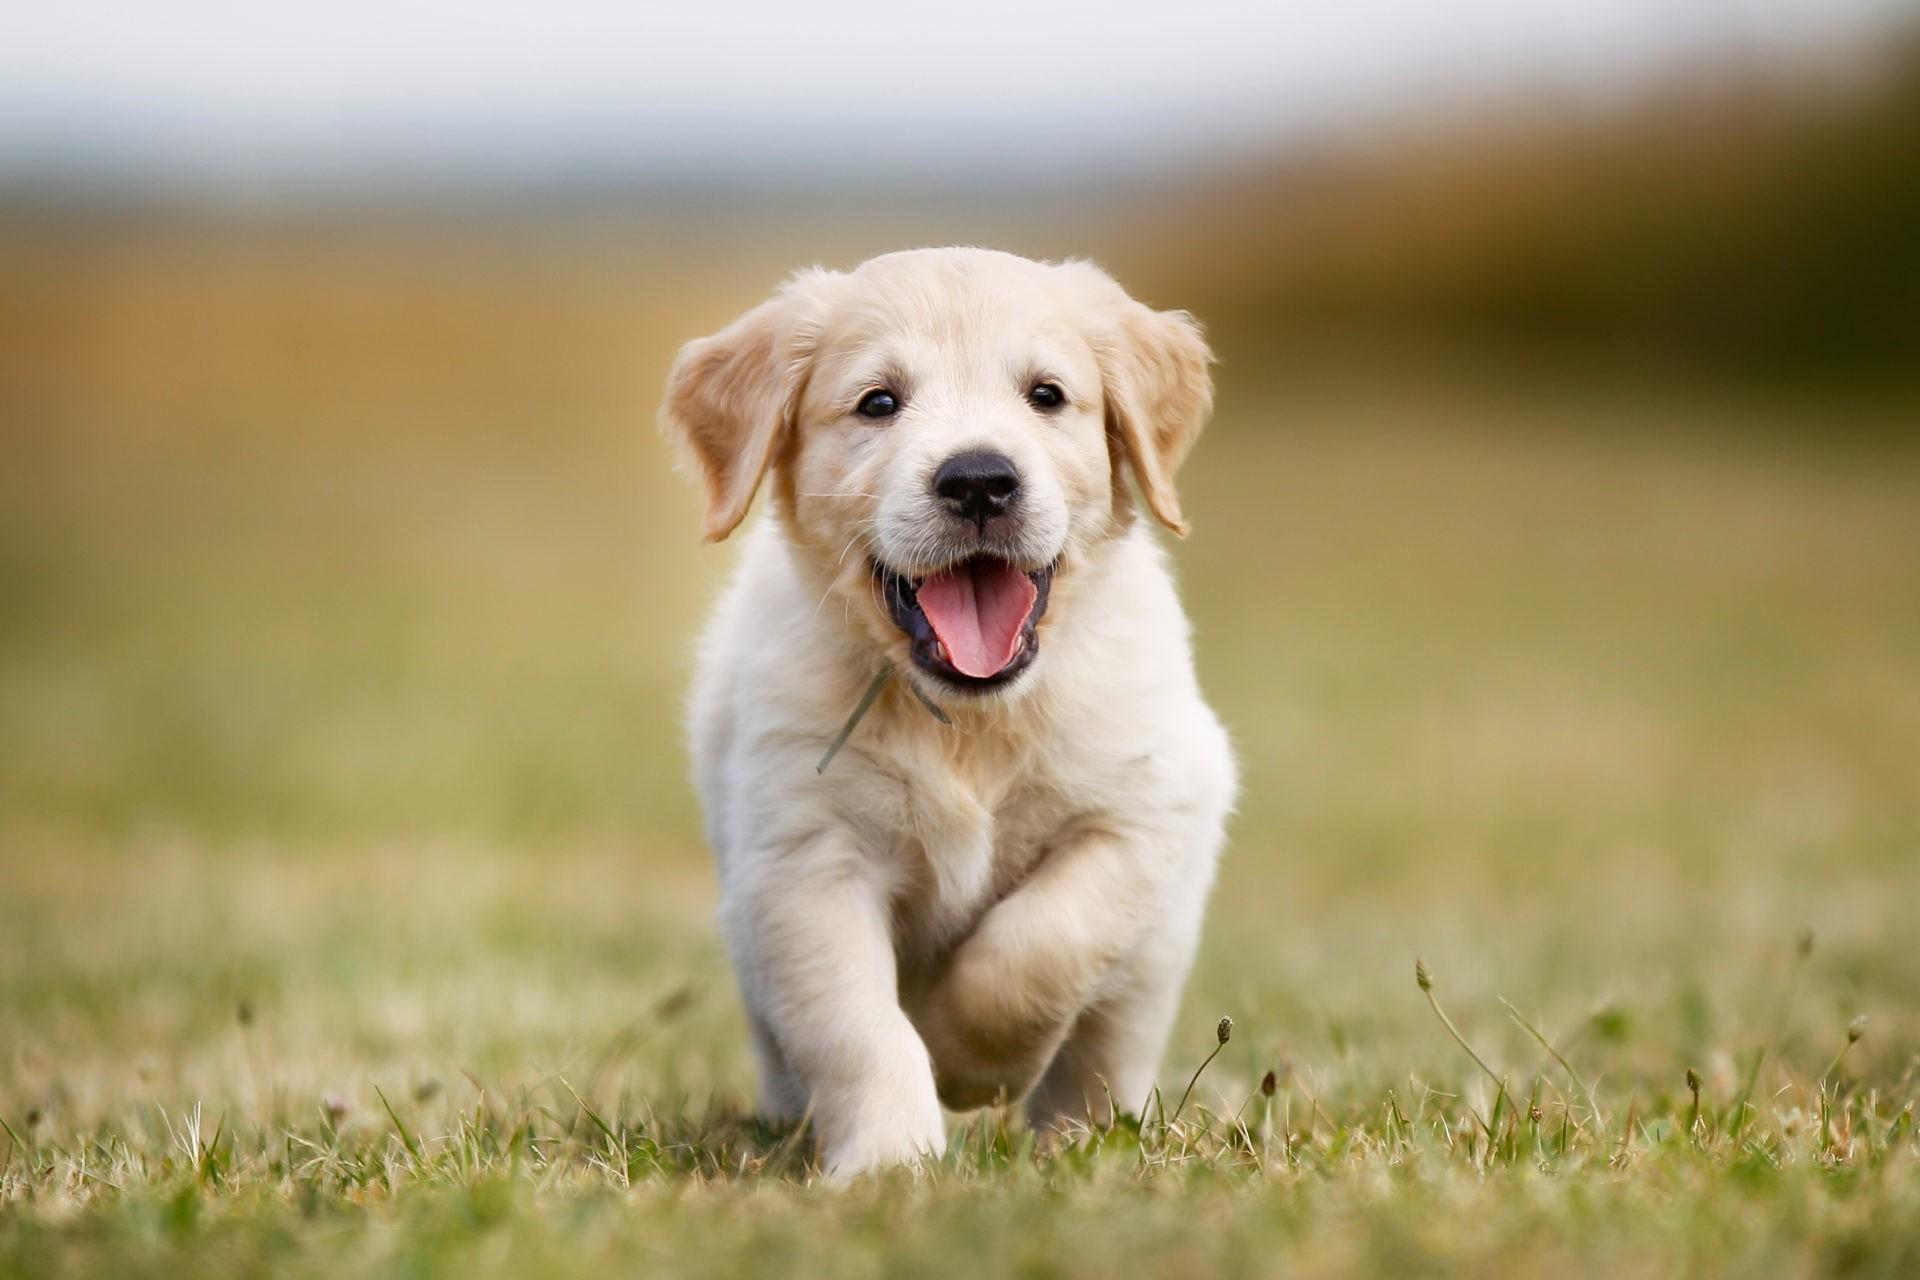 Puppy Dog Wallpaper Golden Retriever Facts 1920x1280 Download Hd Wallpaper Wallpapertip